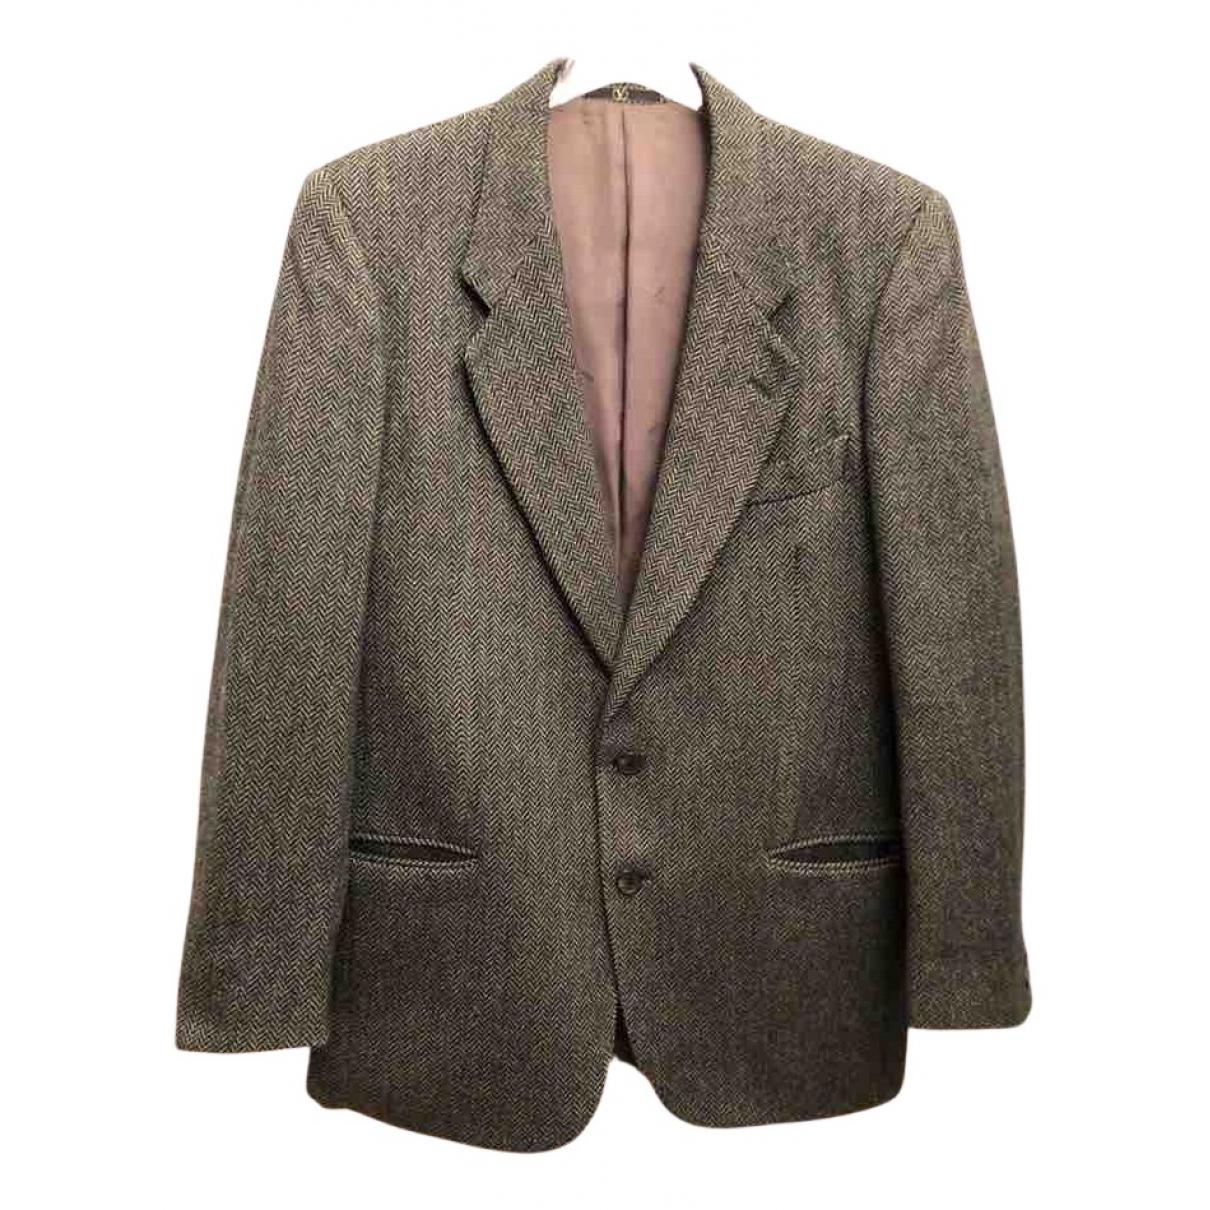 Valentino Garavani N Anthracite Cashmere jacket  for Men 50 IT